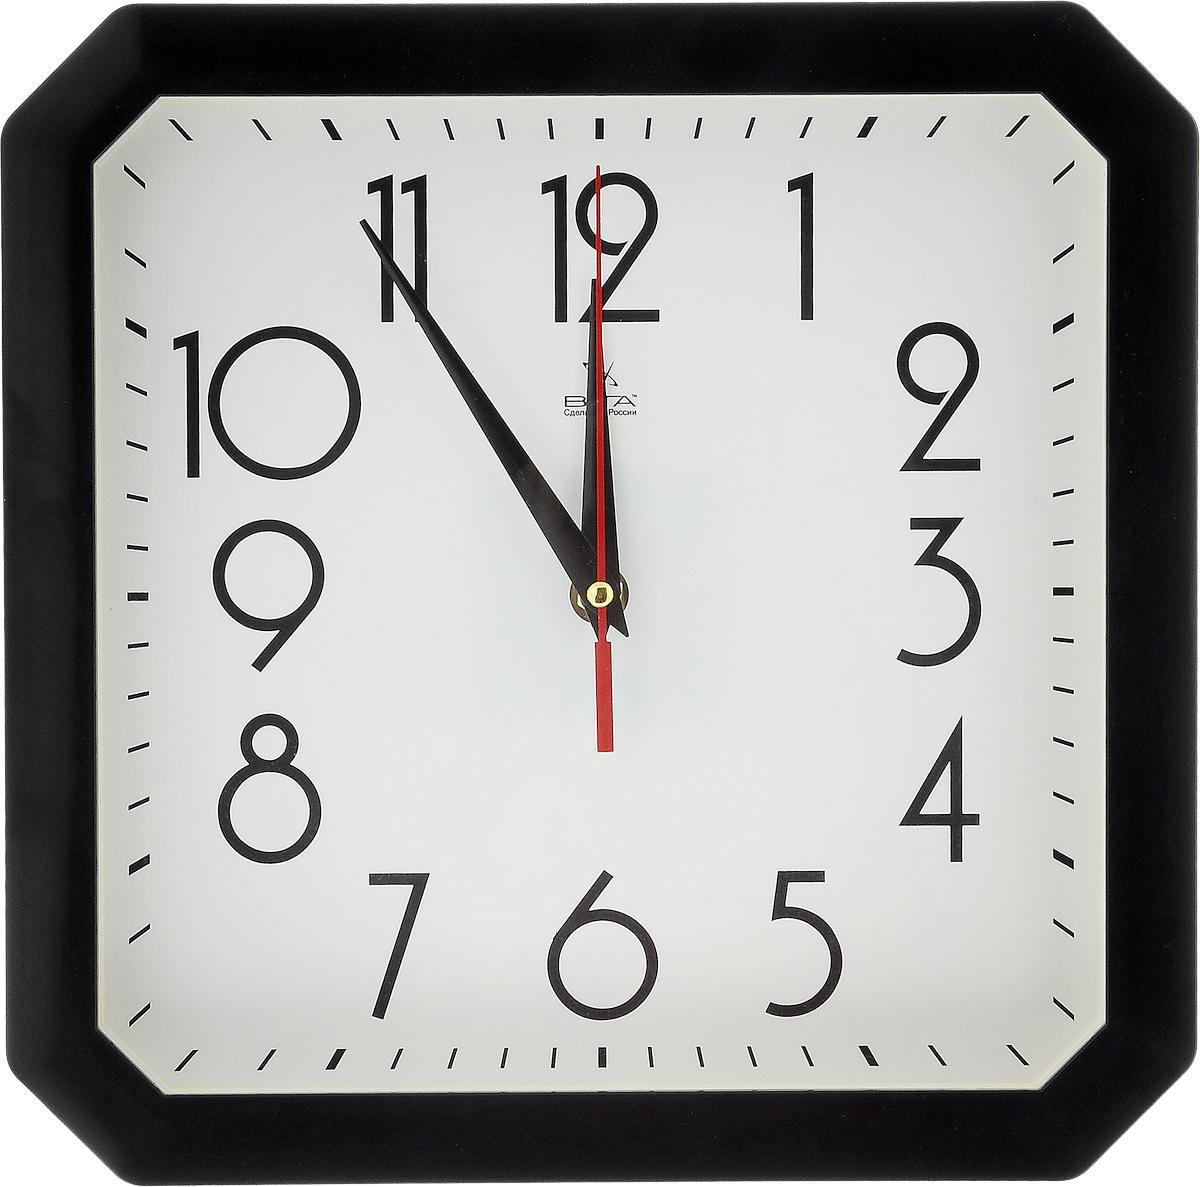 Часы настенные Вега Классика, цвет: черный, белый, 28 х 28 смП4-6/7-81Настенные кварцевые часы Вега Классика,изготовленные из пластика, прекрасно впишутся винтерьервашего дома. Часы имеют три стрелки: часовую,минутную и секундную, циферблат защищен прозрачнымстеклом.Часы работают от 1 батарейки типа АА напряжением 1,5 В(не входит в комплект). Прилагается инструкция по эксплуатации.